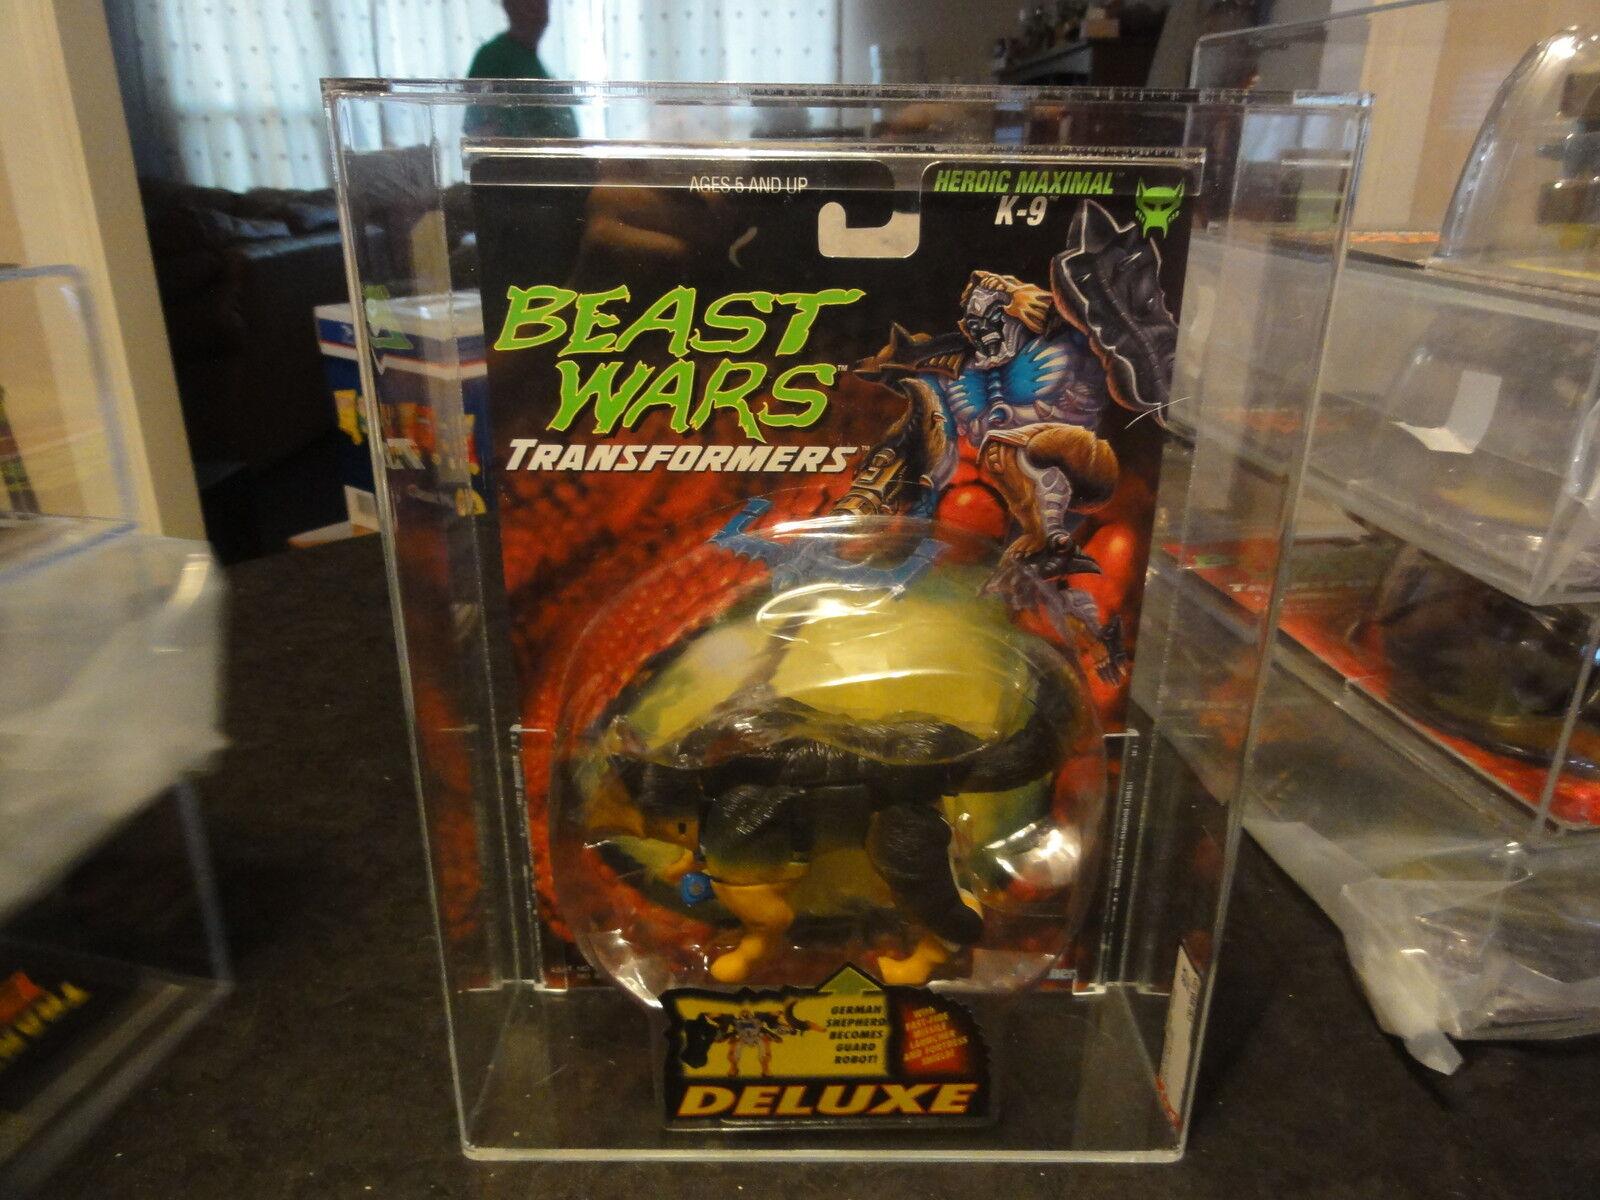 Autoridad Figura De Acción Transformers Beast Wars Deluxe K-9 1997 Caja Sellada MIB